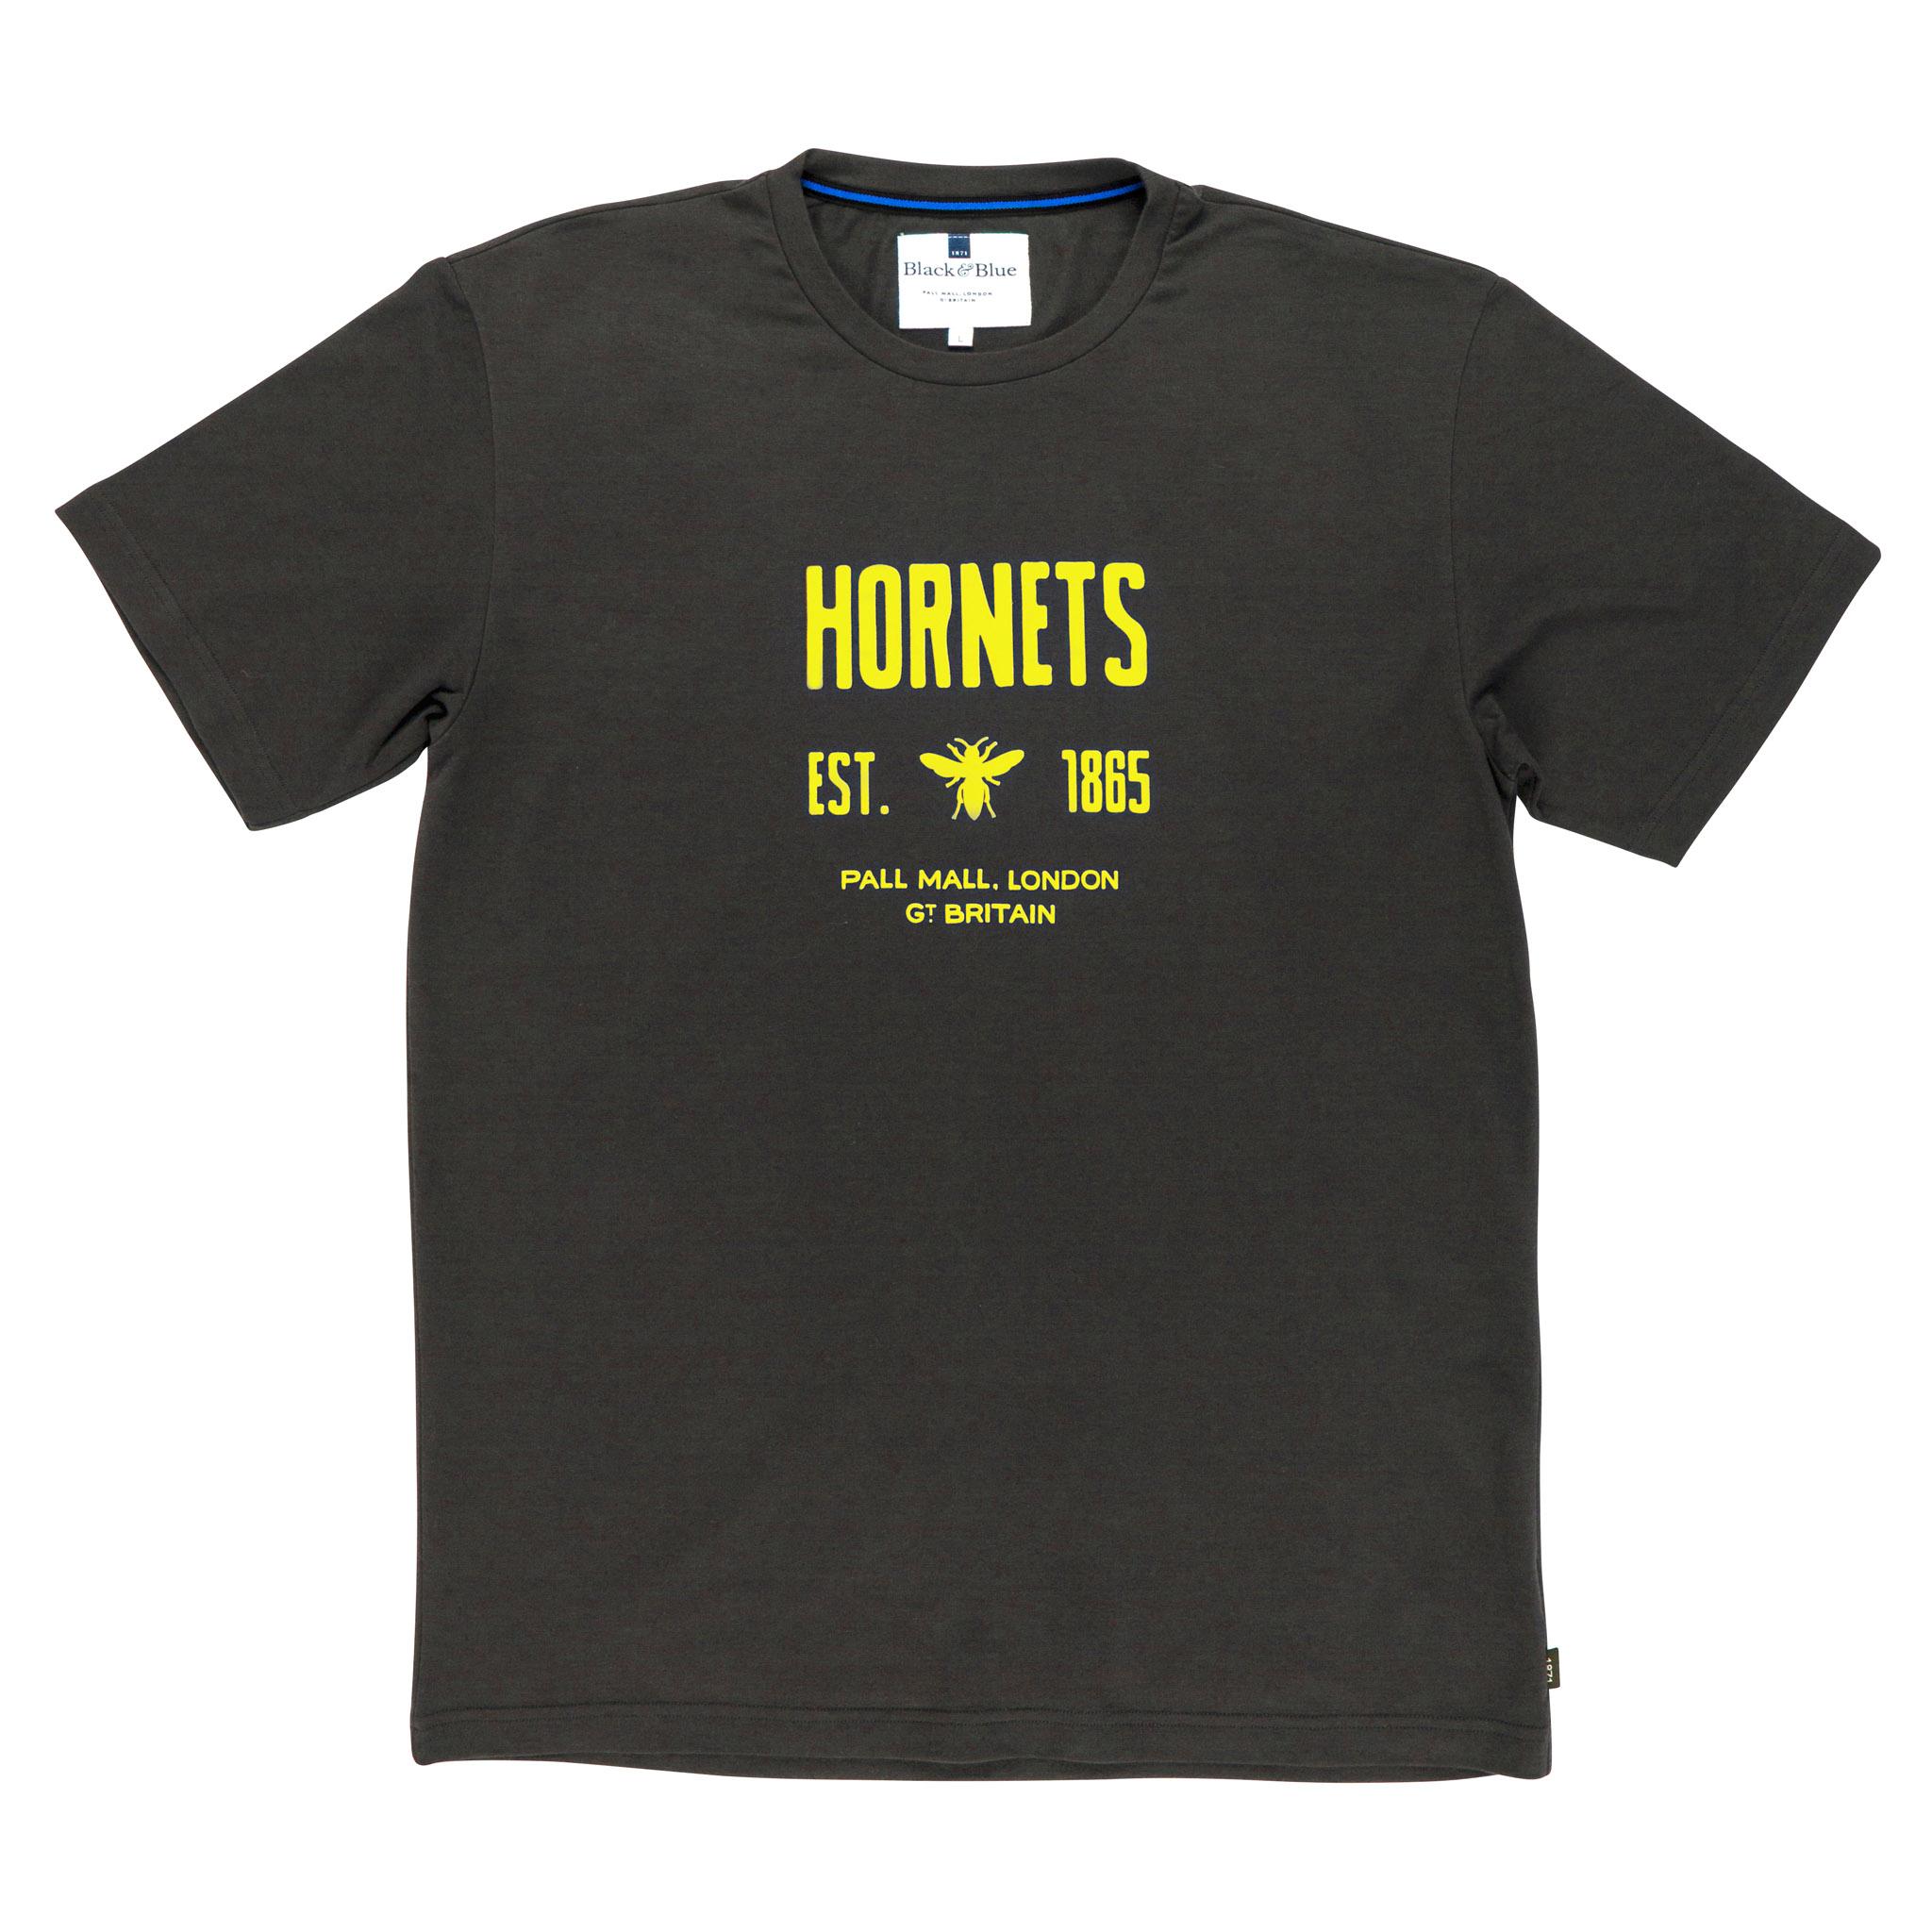 Hornets Navy T-shirt